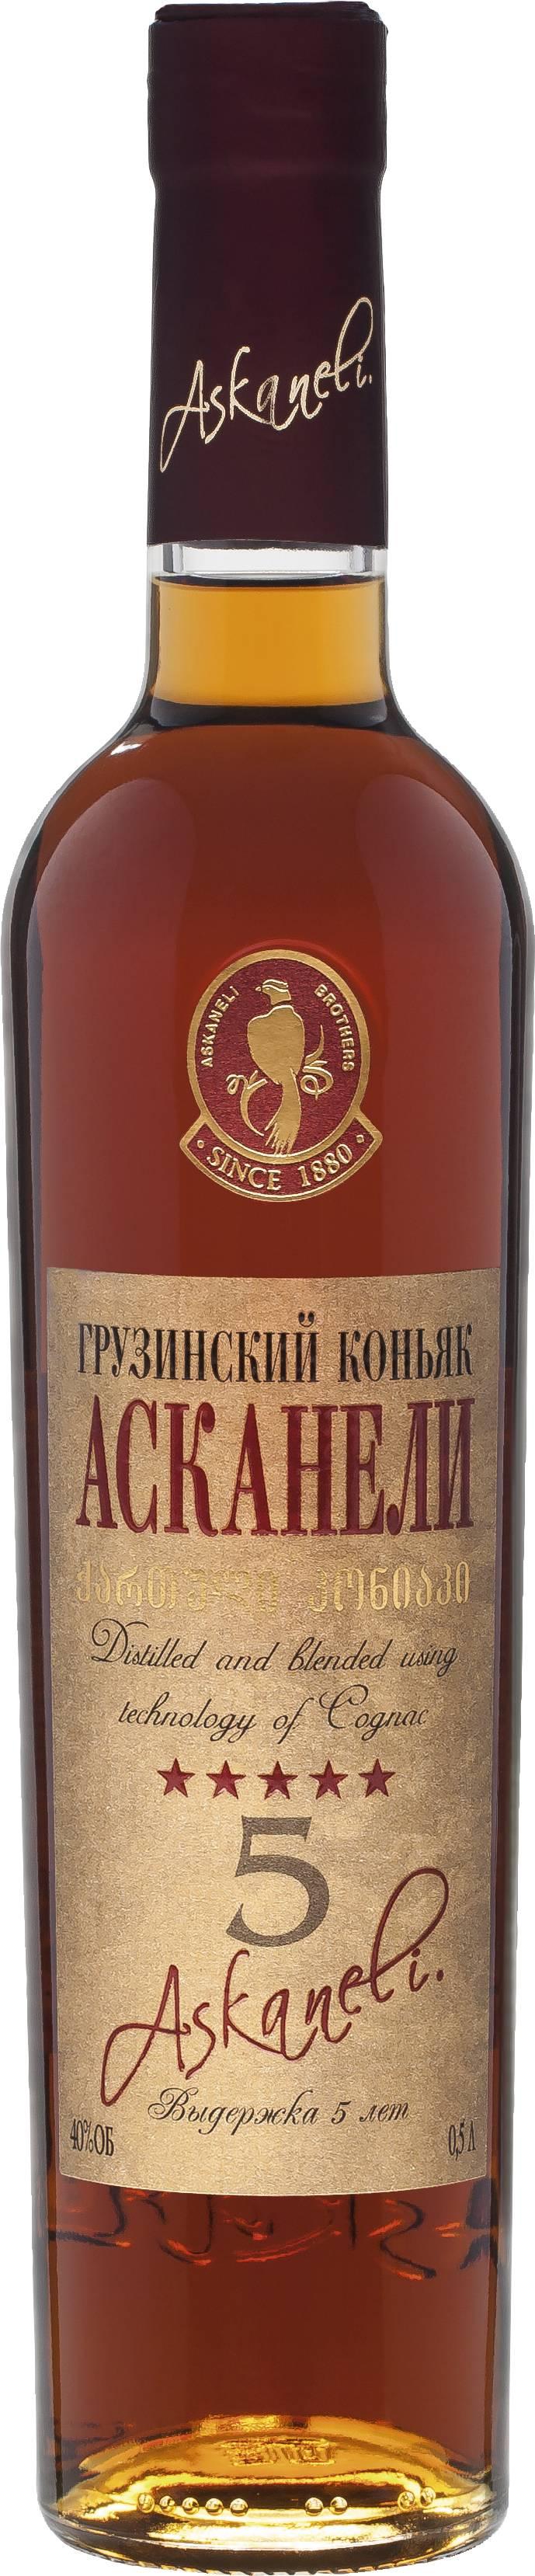 «асканели» - коньяк из самого сердца грузии